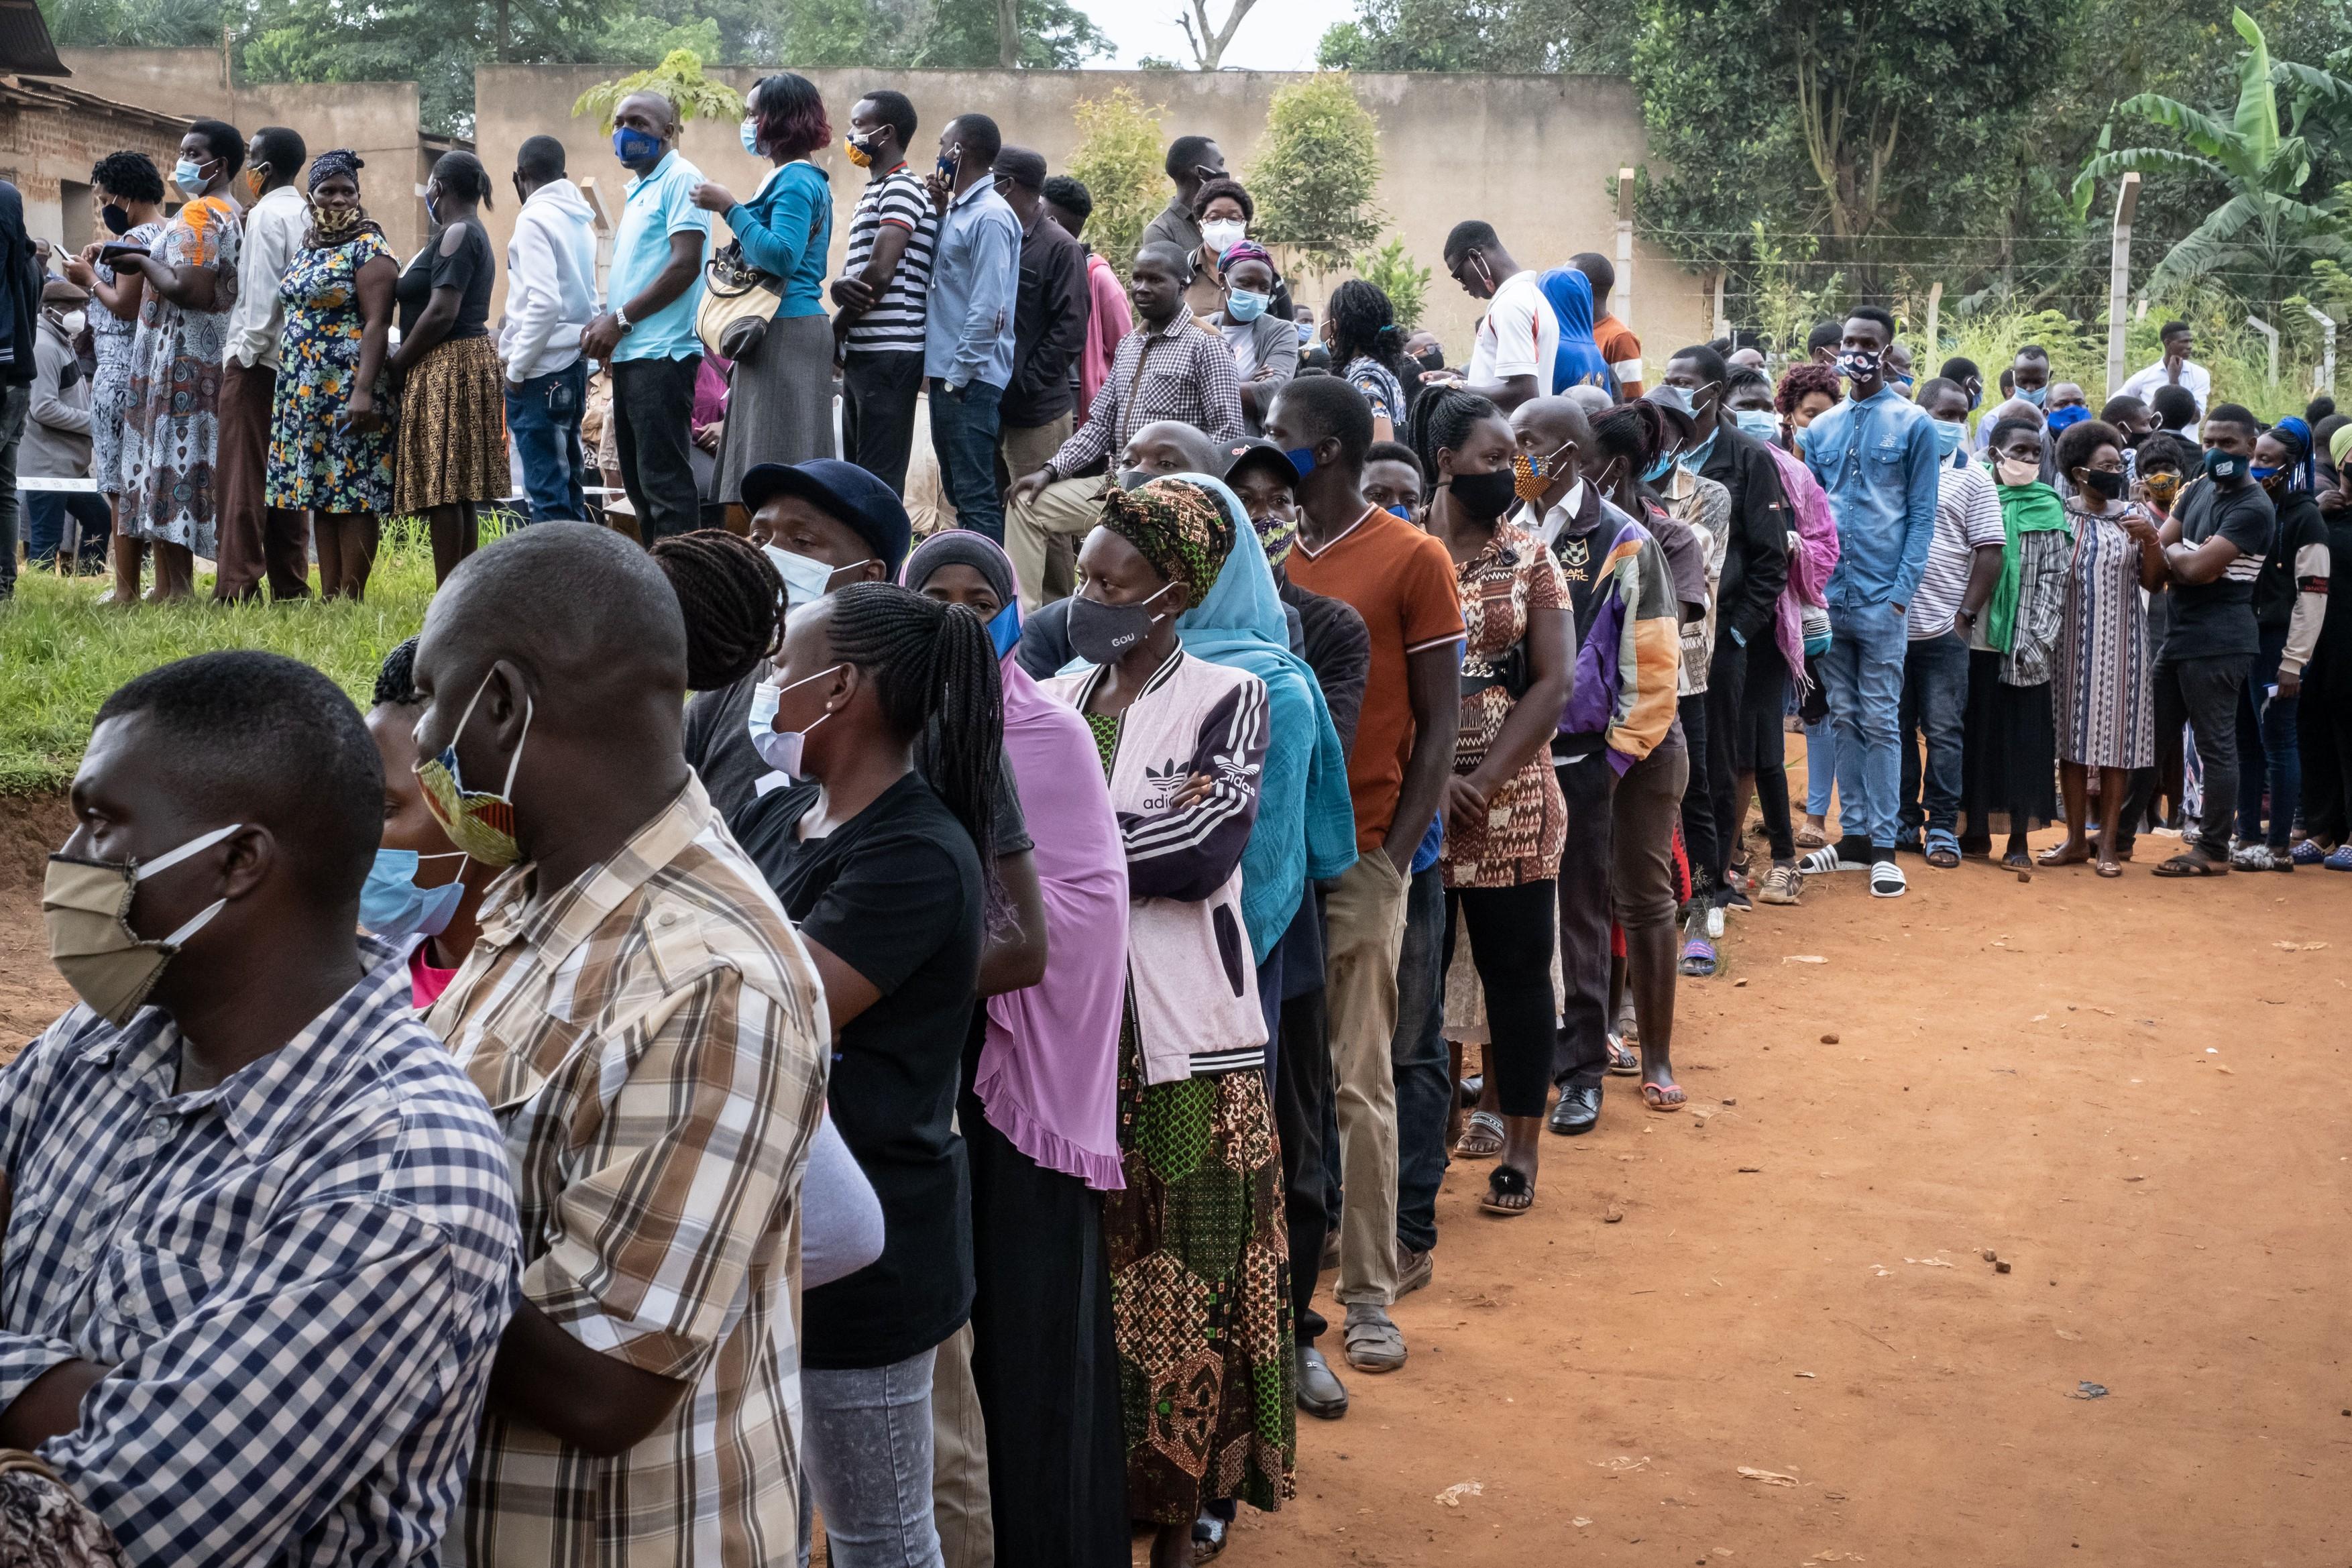 Cozi imense la prezidențialele din Uganda. Liderul țării timp de 40 de ani, Museveni, înfruntă o vedetă pop